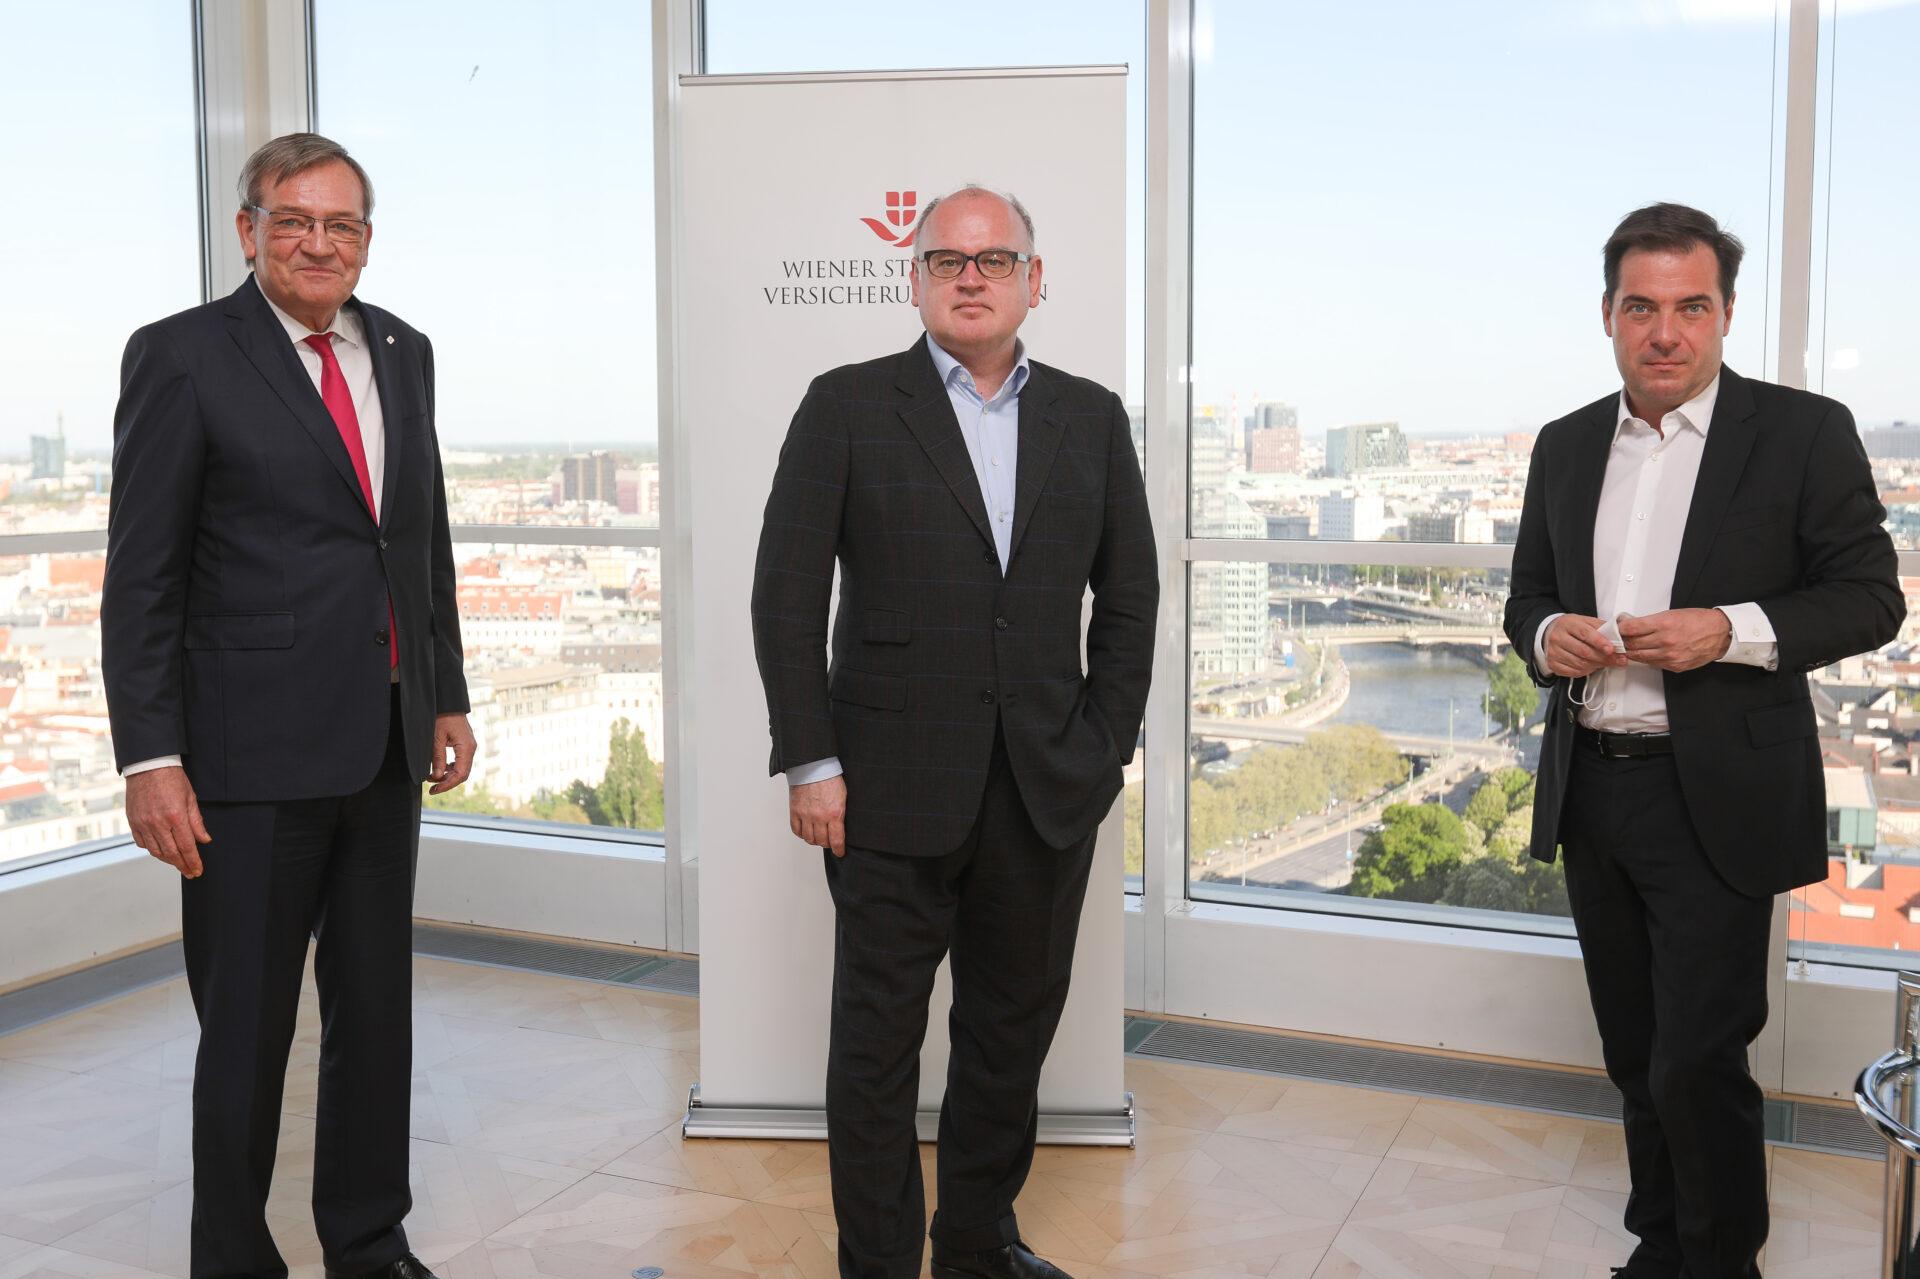 From left to right: Robert Lasshofer (Chairman of the Managing Board of Wiener Städtische Versicherungsverein), Bernhard Spalt (CEO Erste Group) &